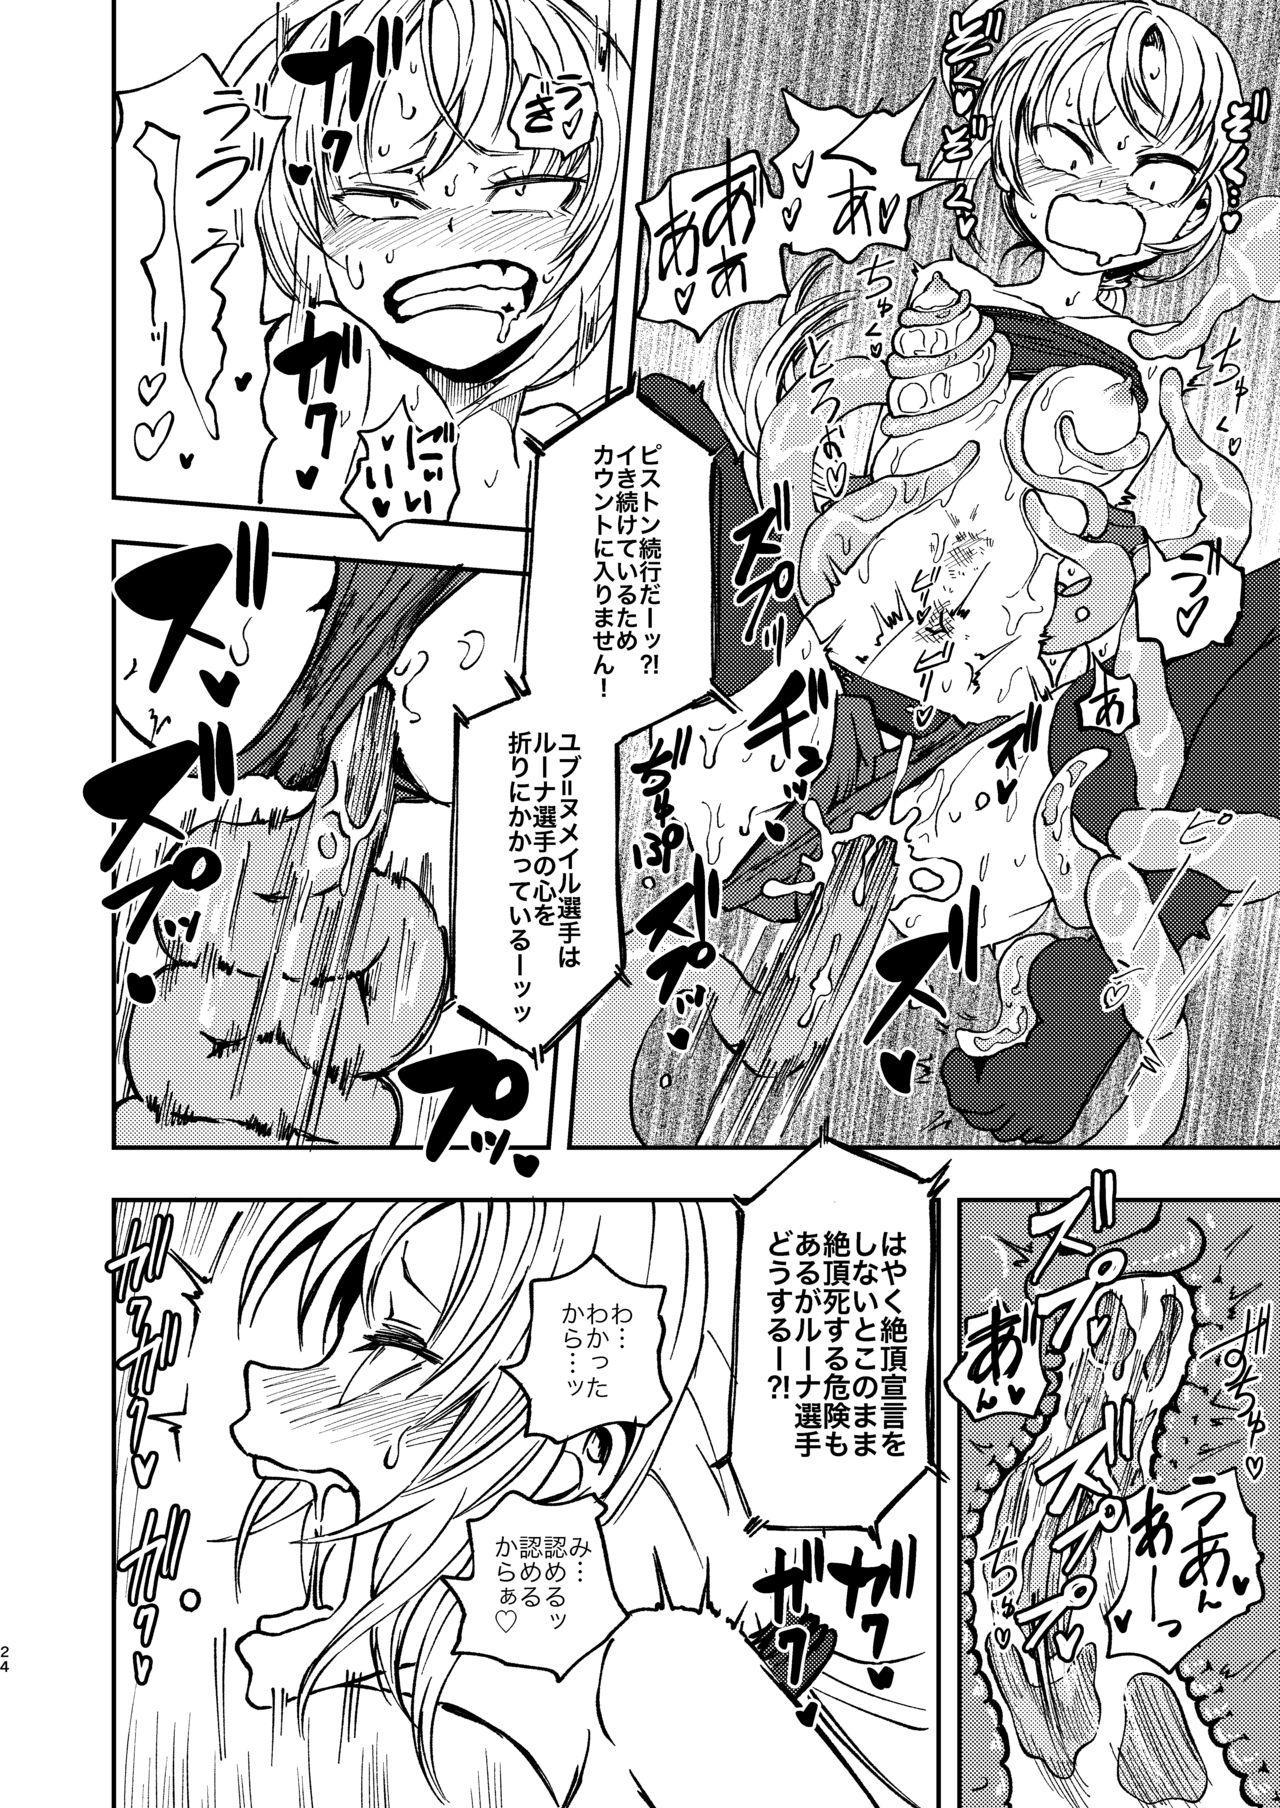 Tada no Onna Boukensha ga Tougijou ni Sanka Shita Kekka Lv 99 no Monster-san ni Bokoboko ni Saremashita 22